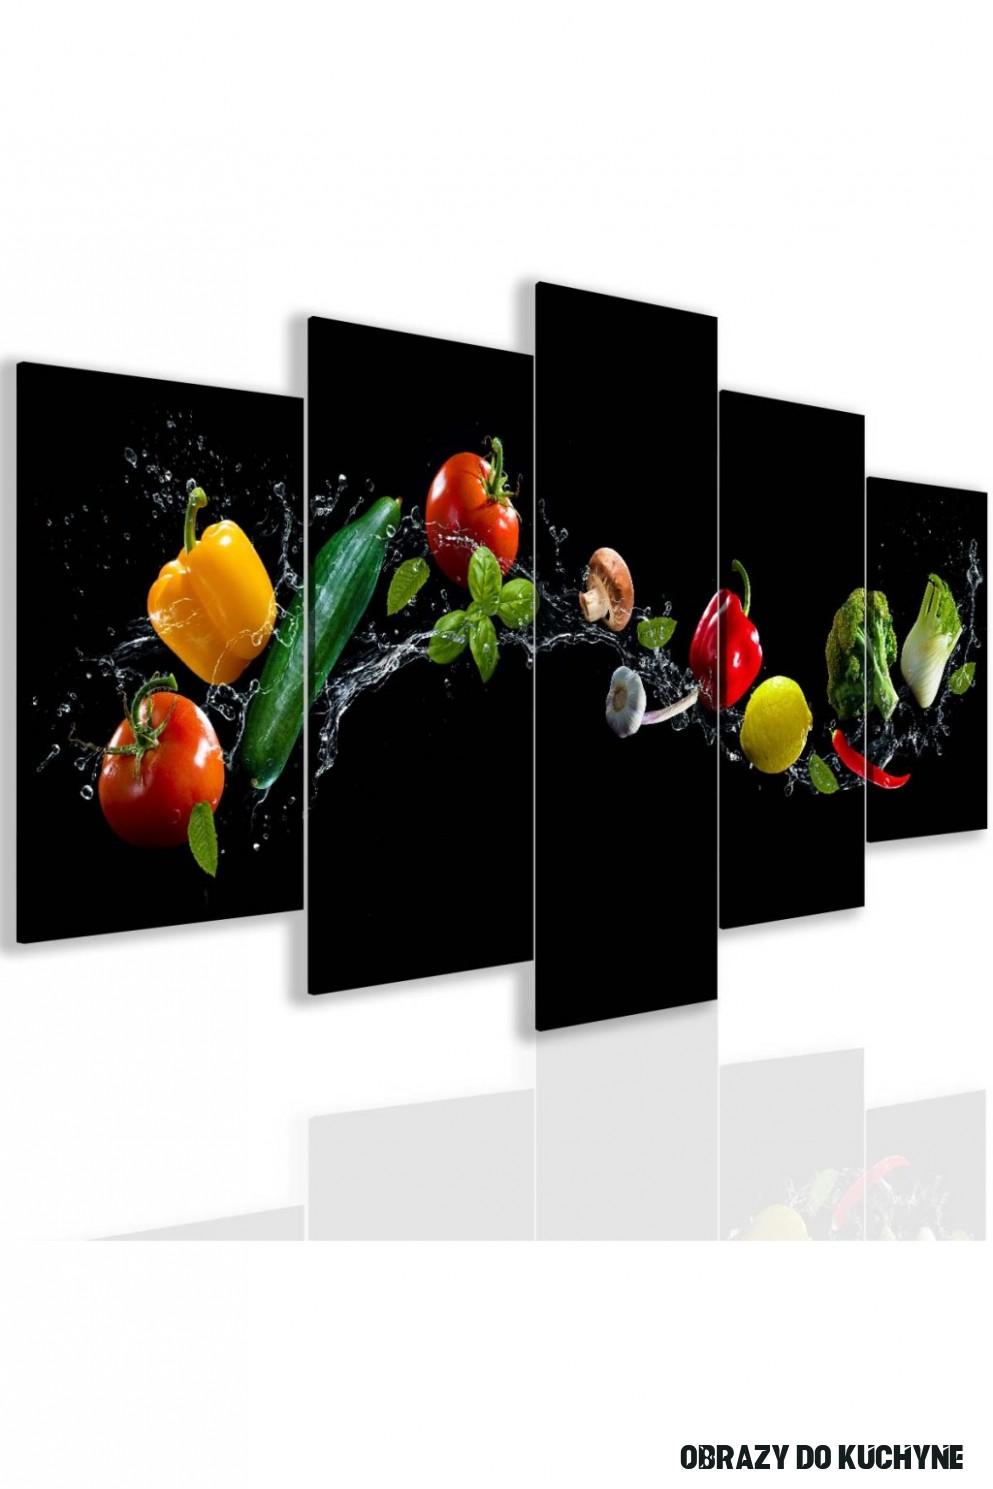 Obraz do kuchyně zelenina